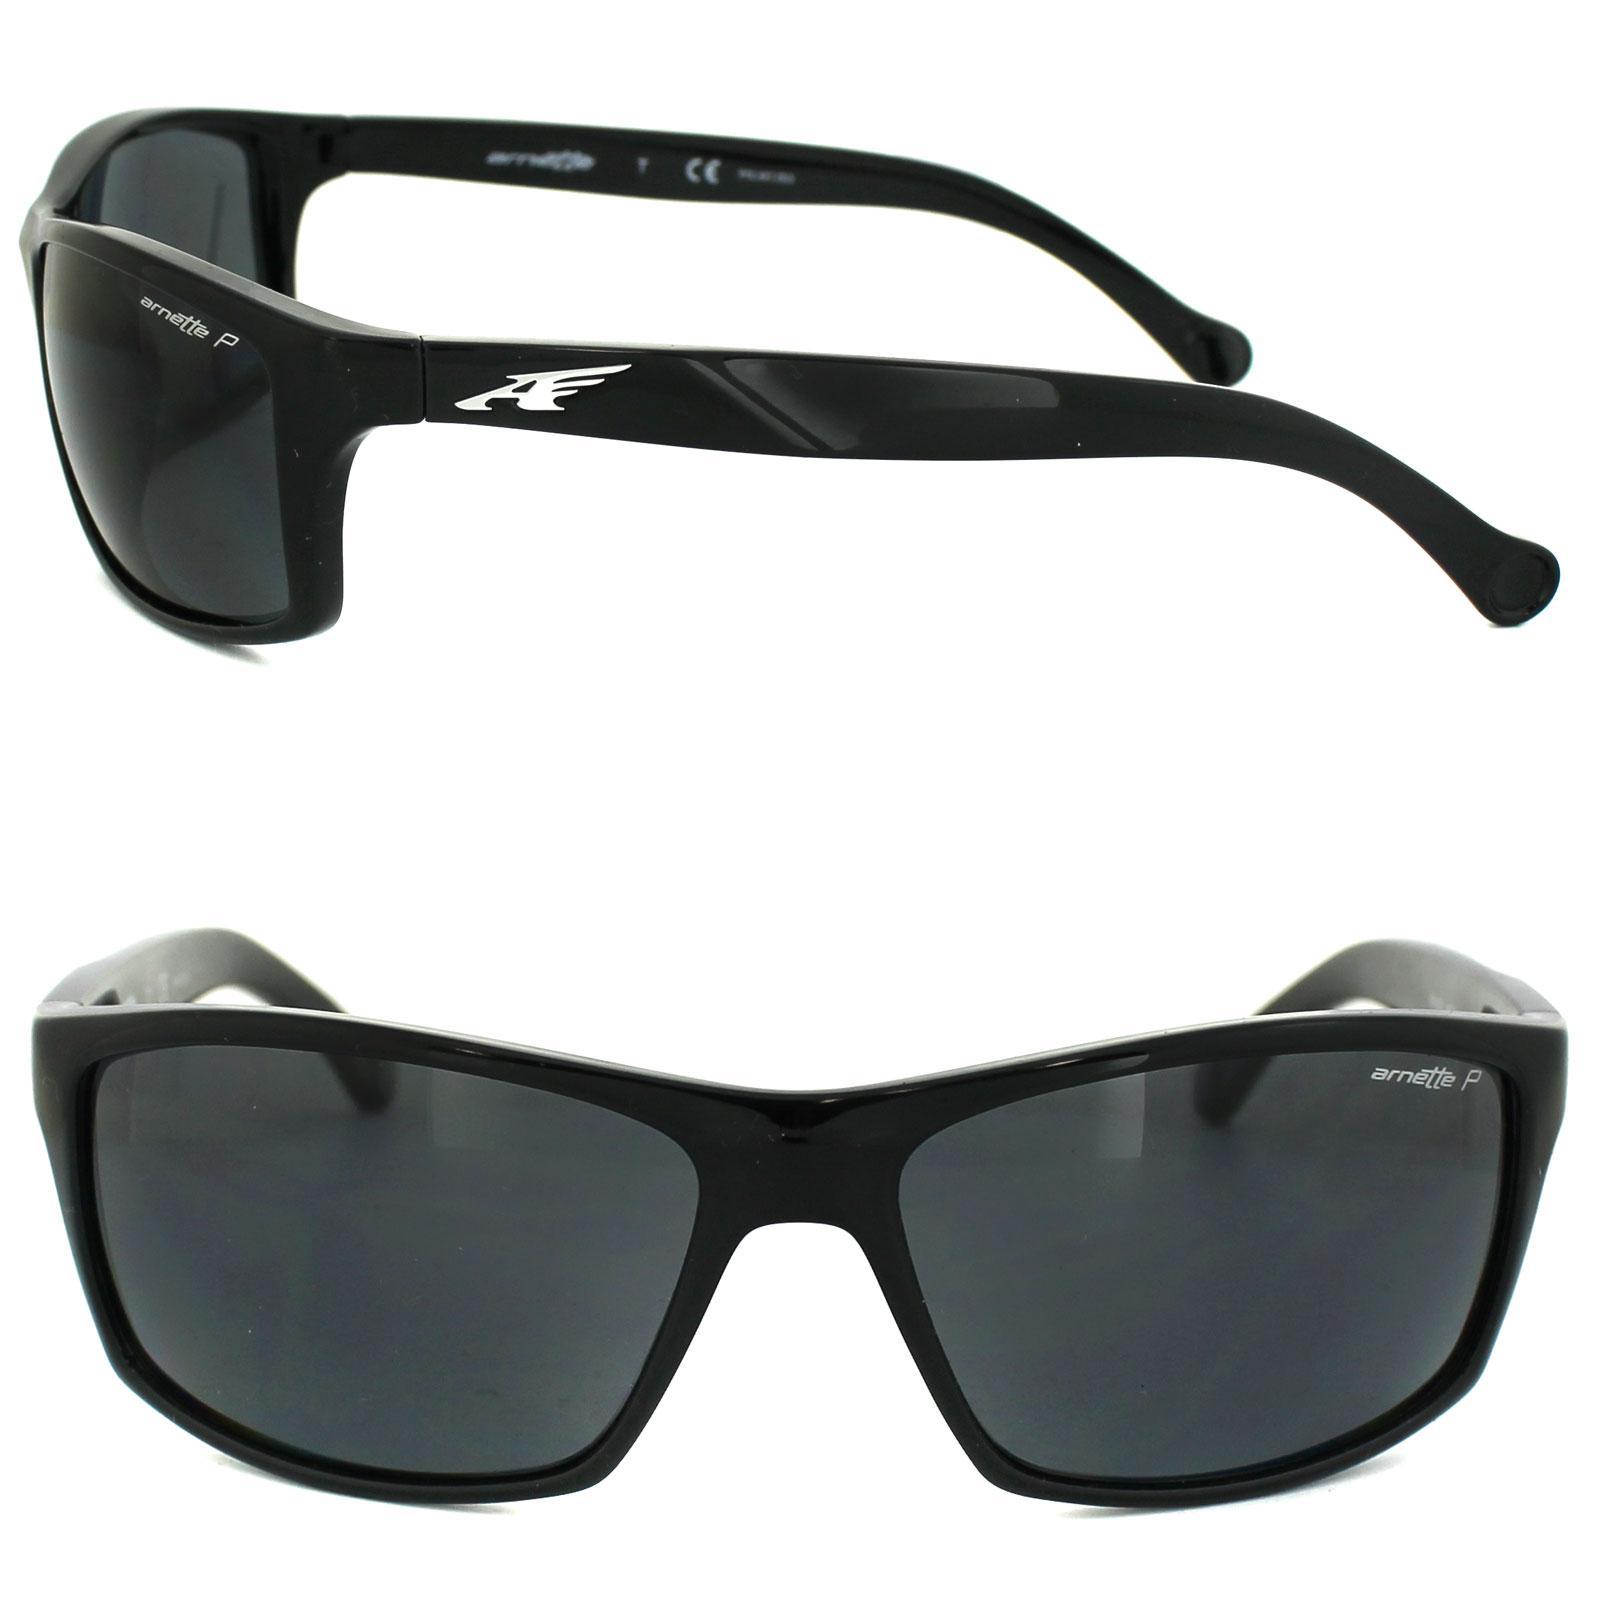 d77a86bc0e CENTINELA Arnette gafas de sol 4207 caldera 41/81 negro gris polarizado